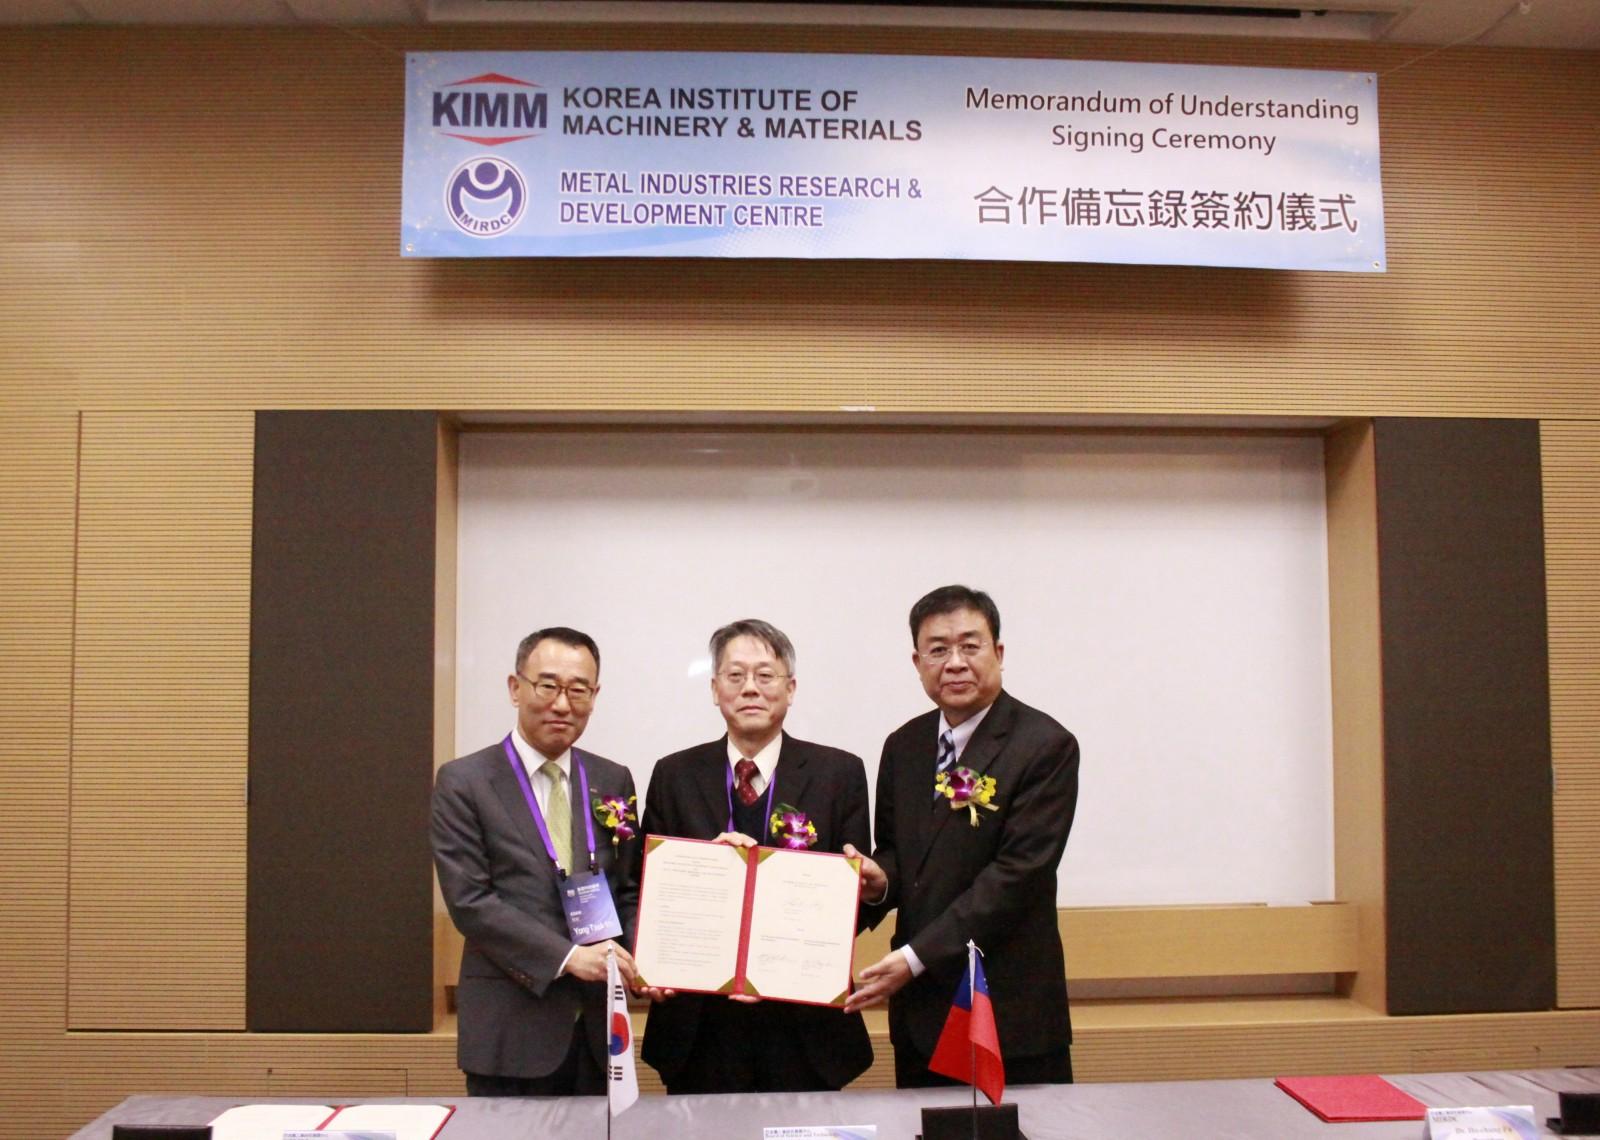 金屬中心與韓國機械與材料研究院簽訂合作備忘錄